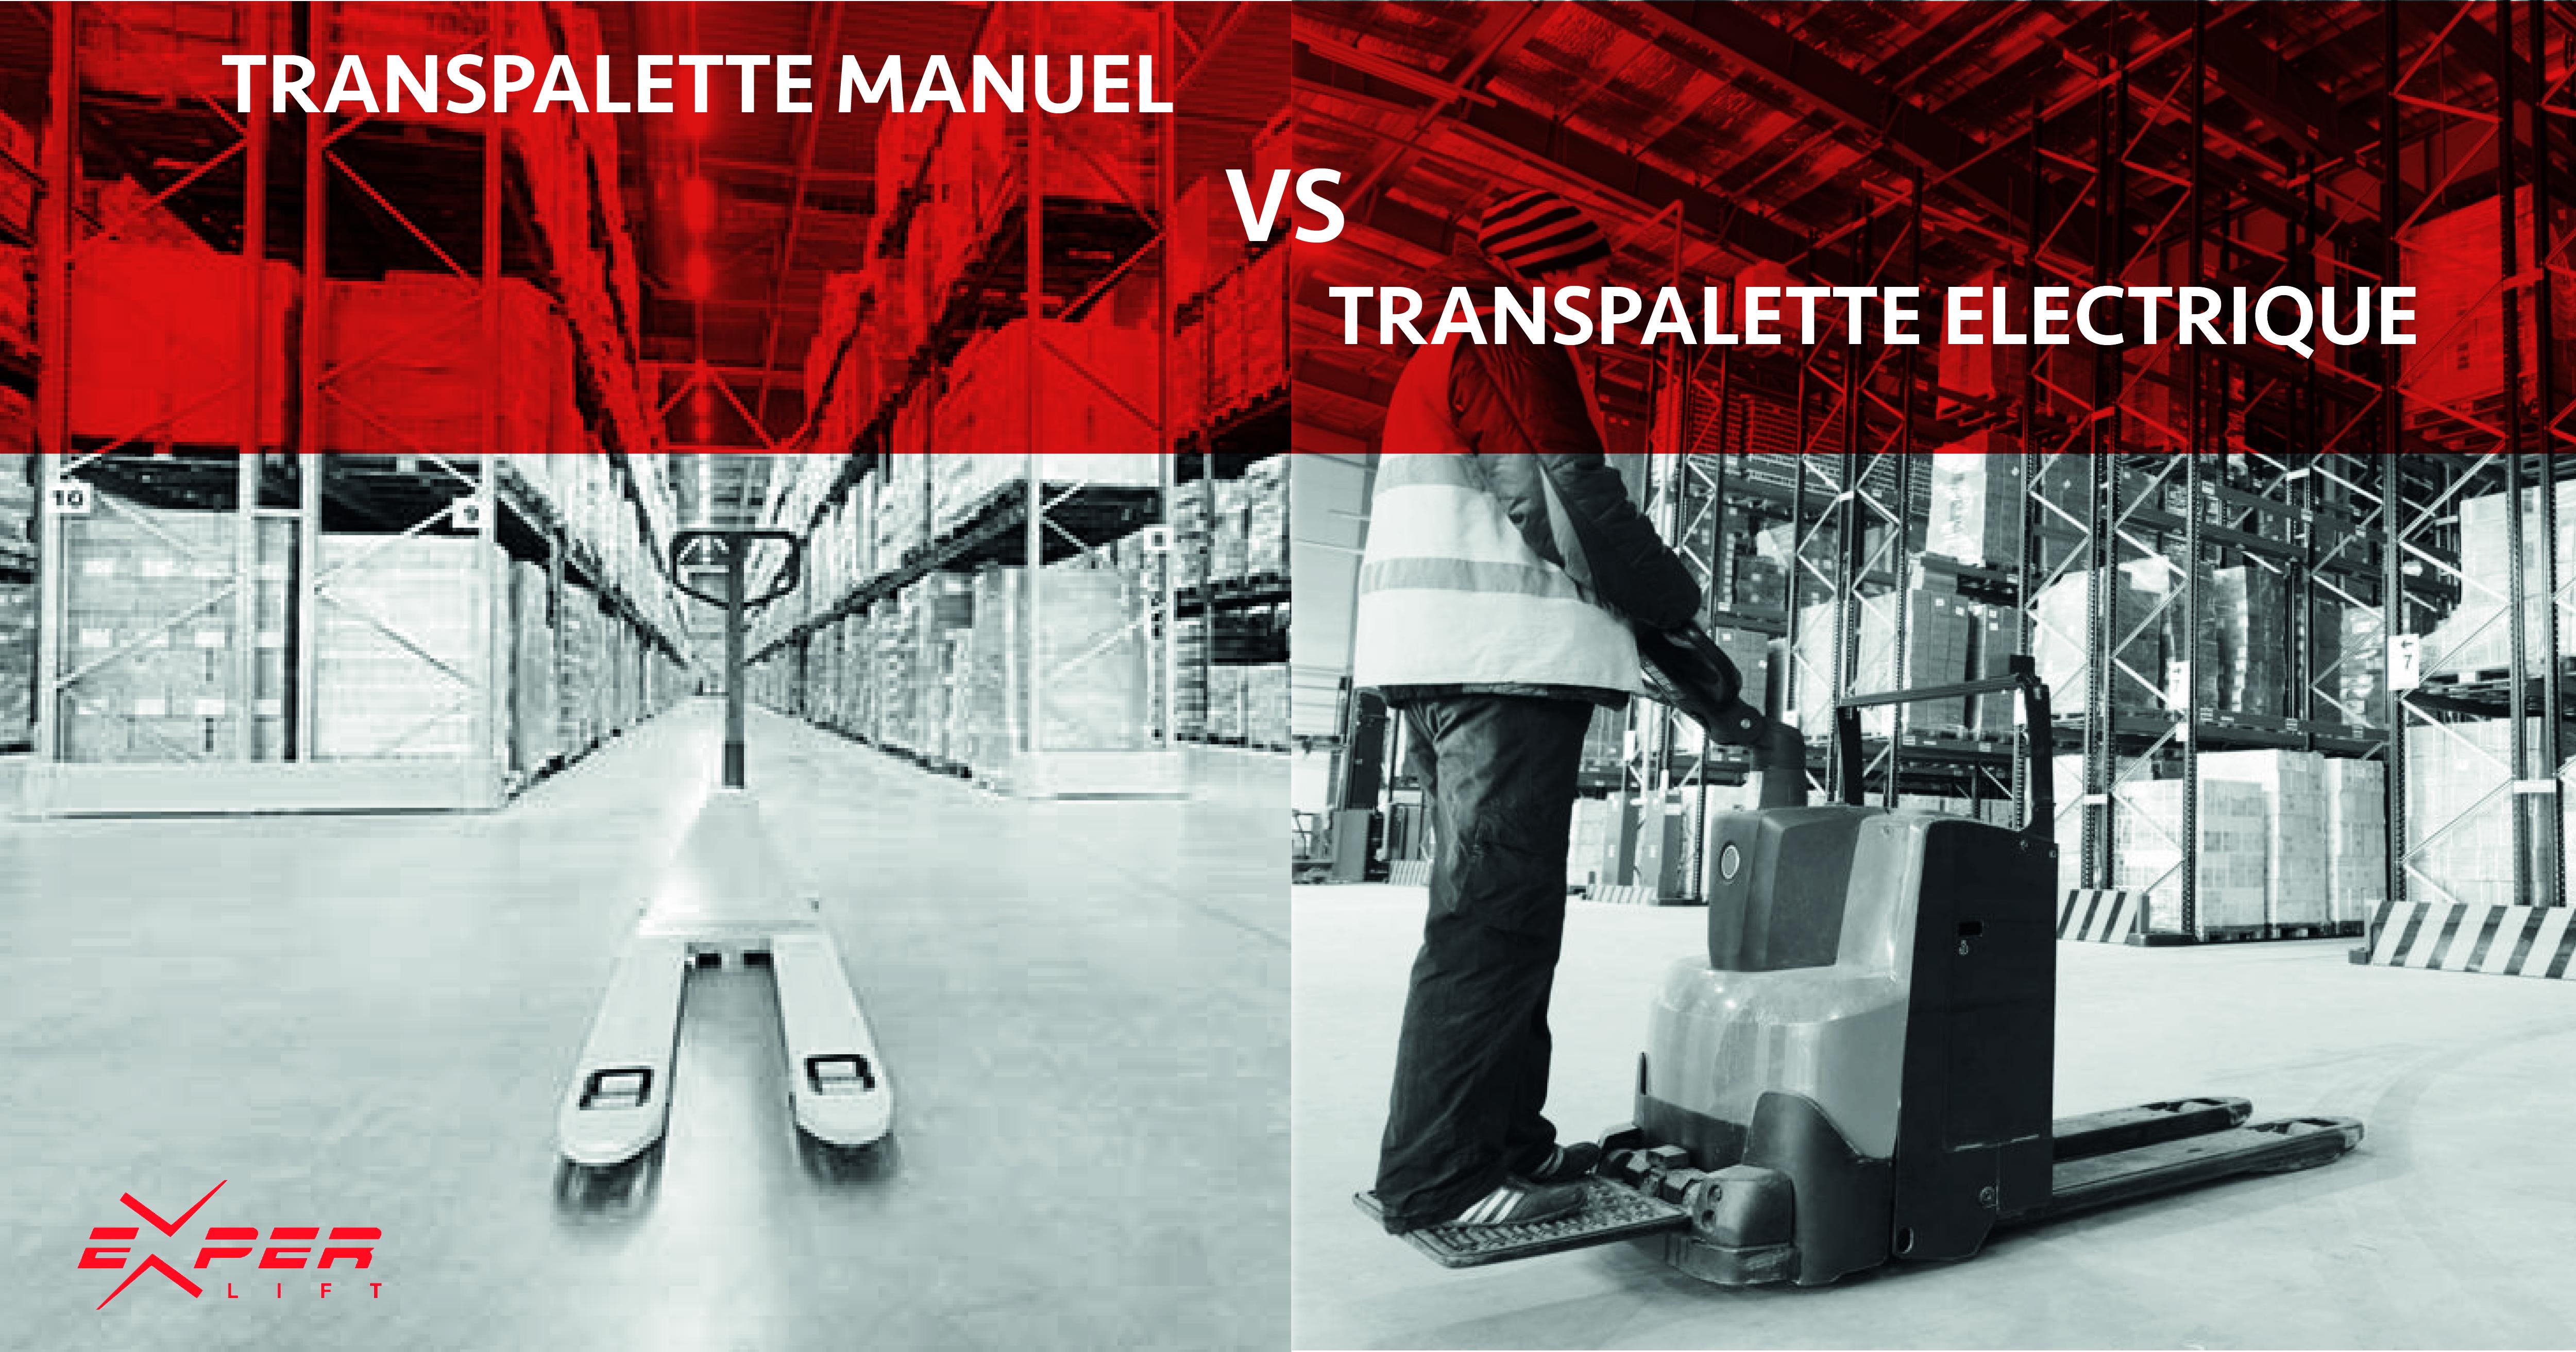 Transpalette manuel ou électrique – lequel choisir ?